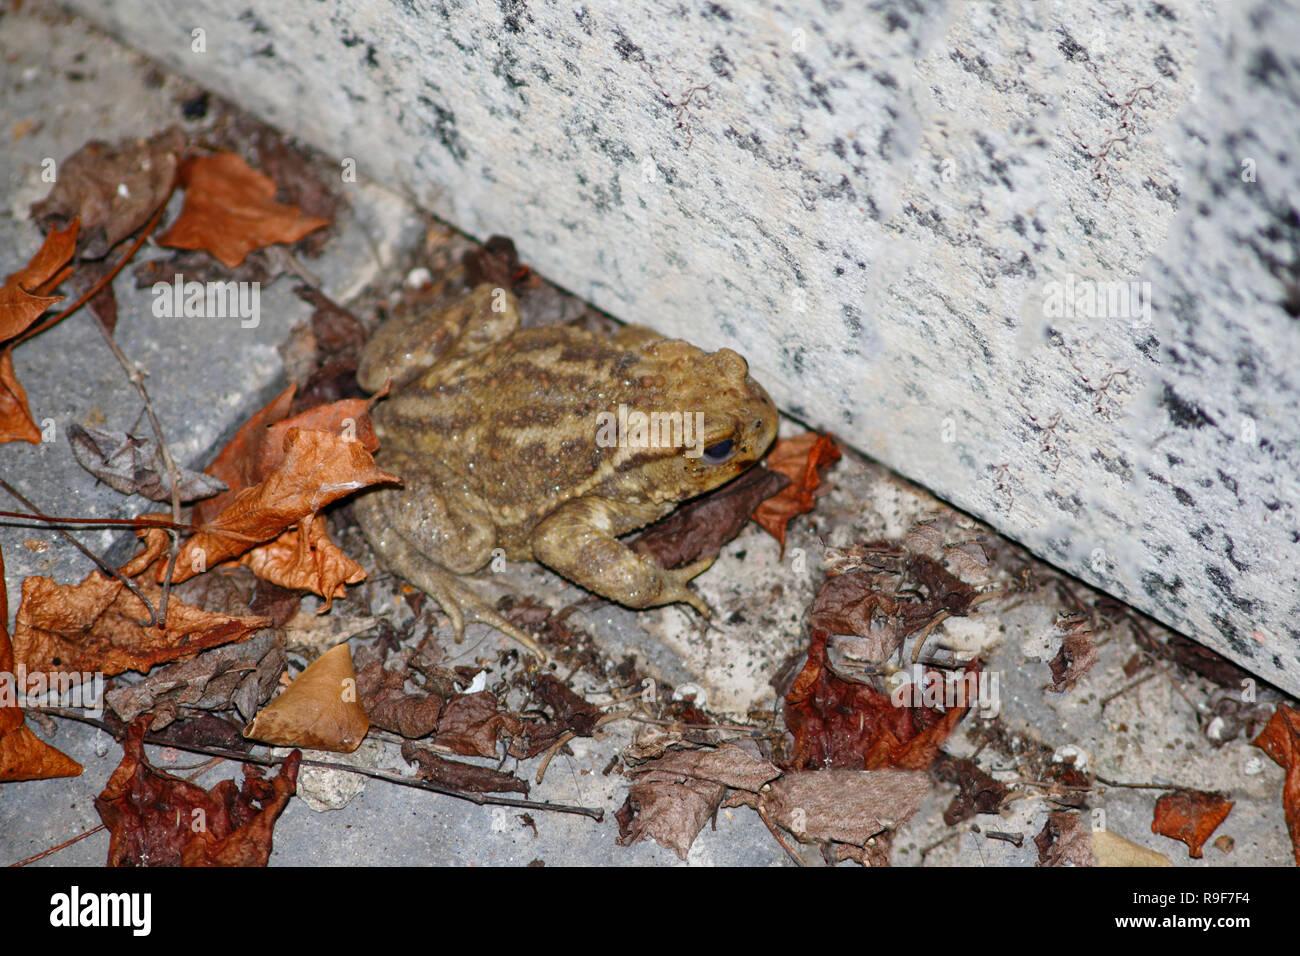 Kröte, gemeine Erdkröte sitzt an ängstlich an einer Stein Mauer im Laub - Stock Image